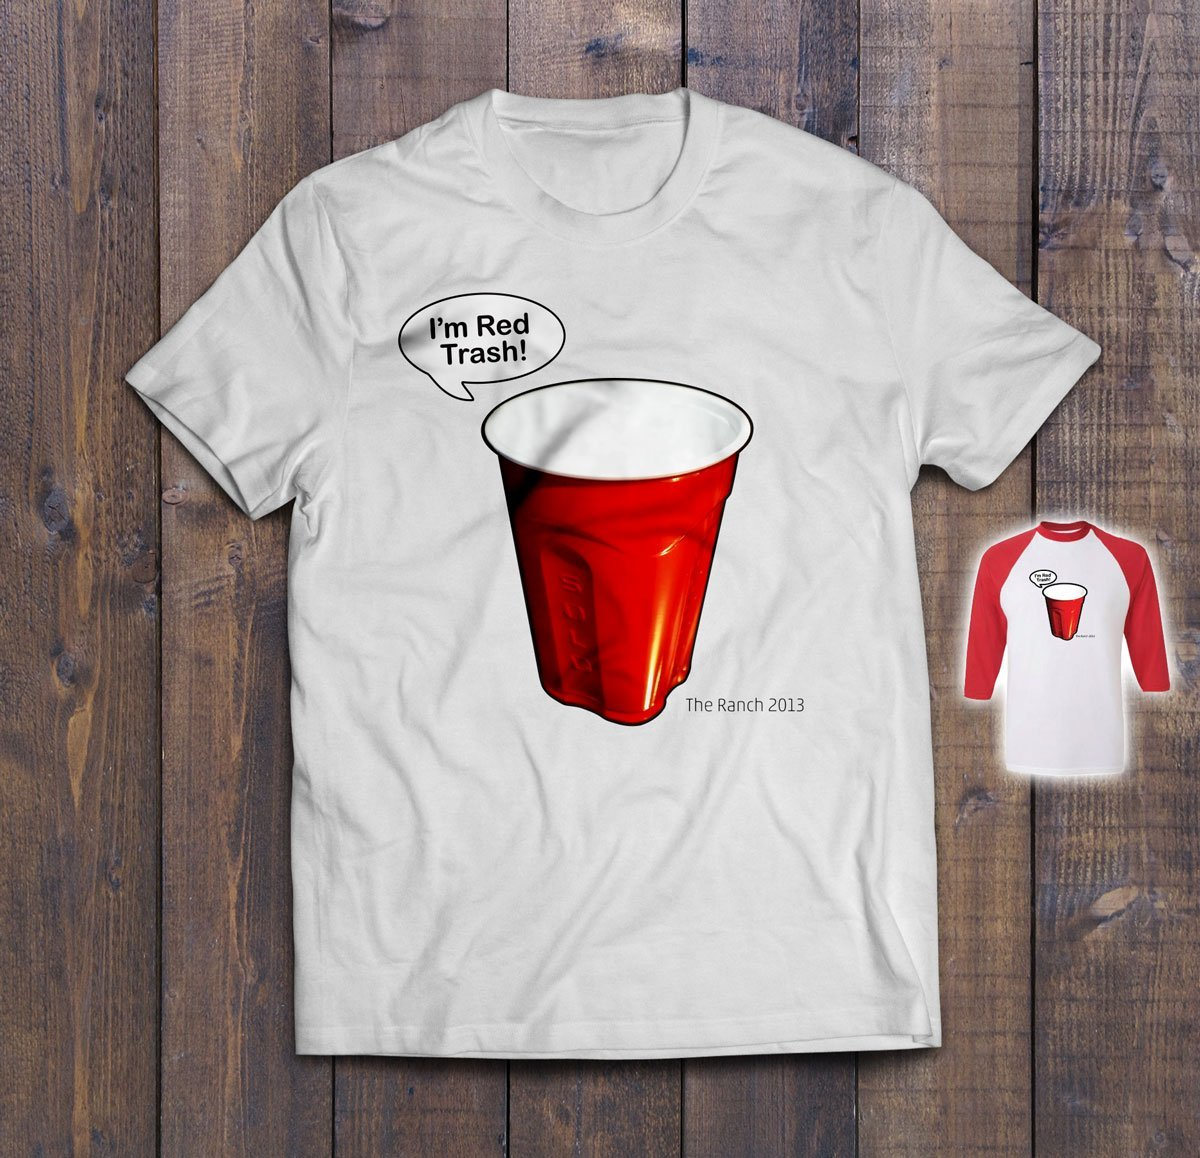 RANCH-2013-T-Shirt-MockUp